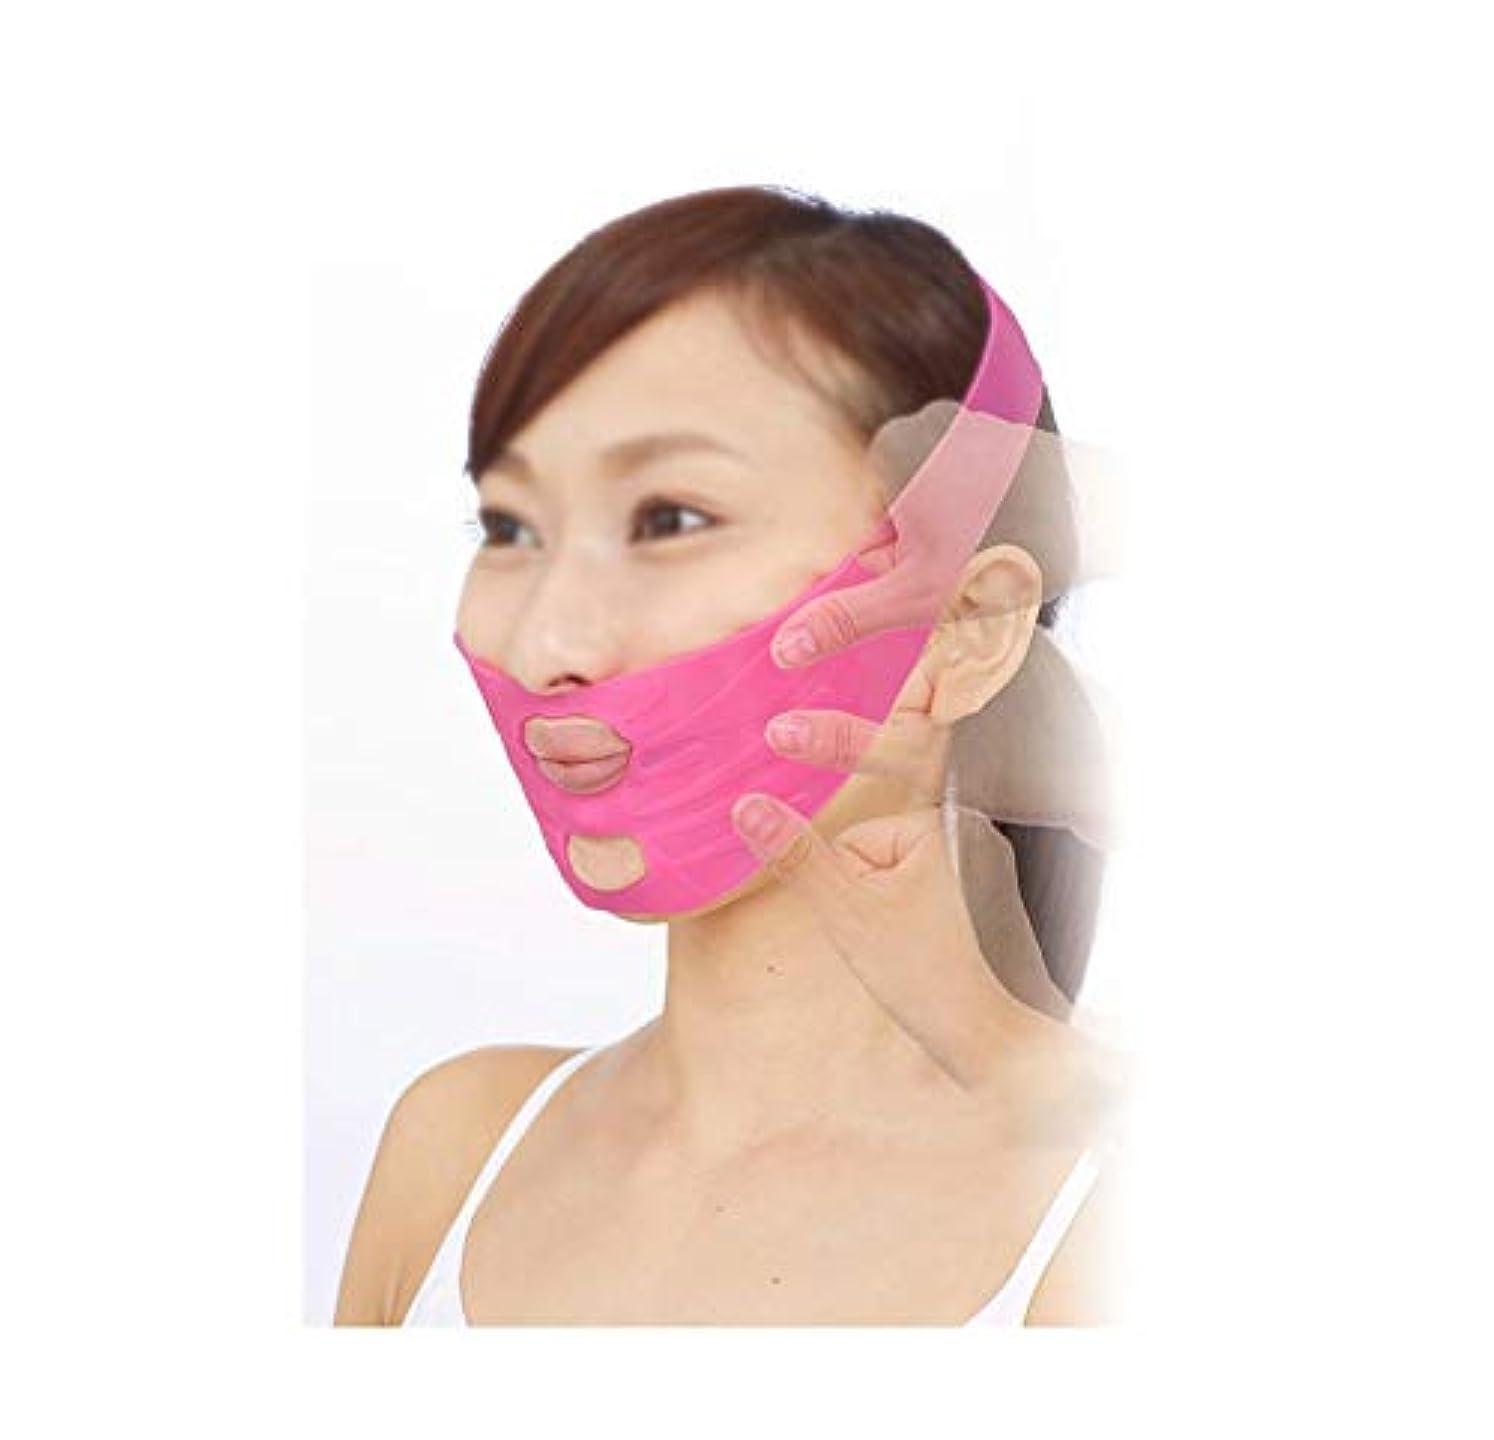 許されるしたいアルミニウムGLJJQMY マスクフェイスリフトアーティファクトマスク垂れ顔小Vフェイス包帯通気性睡眠両面チンスーツ睡眠弾性痩身ベルト 顔用整形マスク